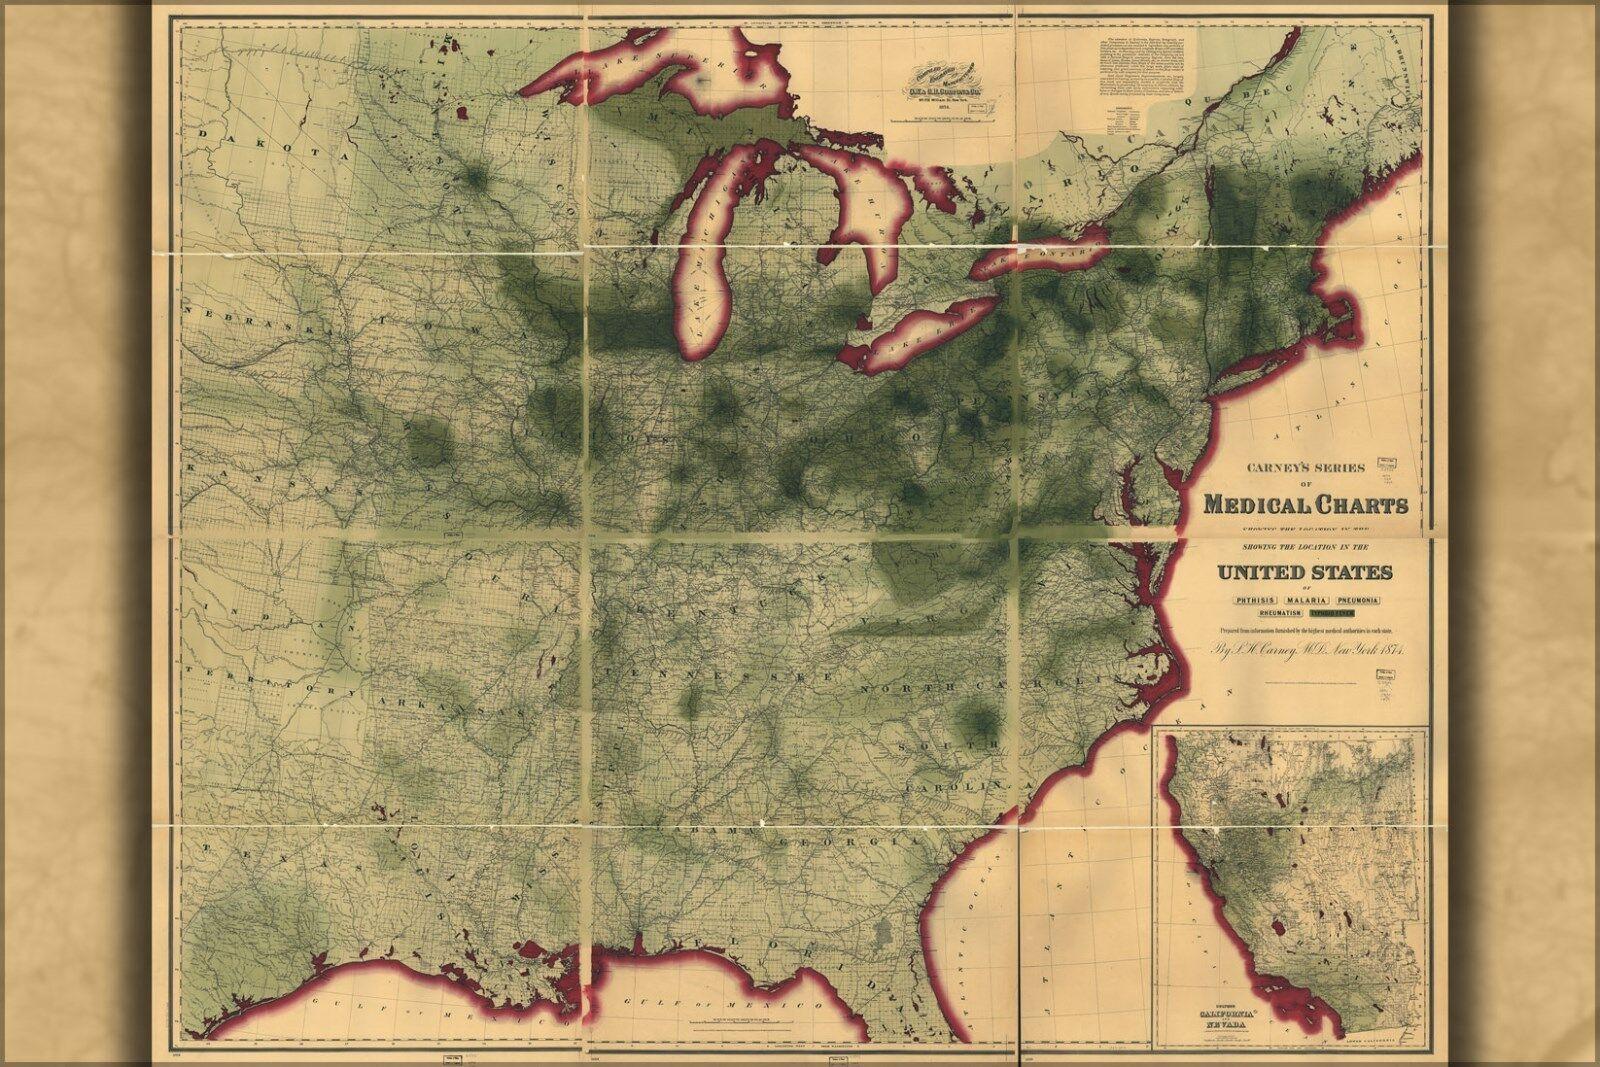 Plakat, Viele Größen; Karte von Typhoid Fever in Vereinigte Staaten Of America